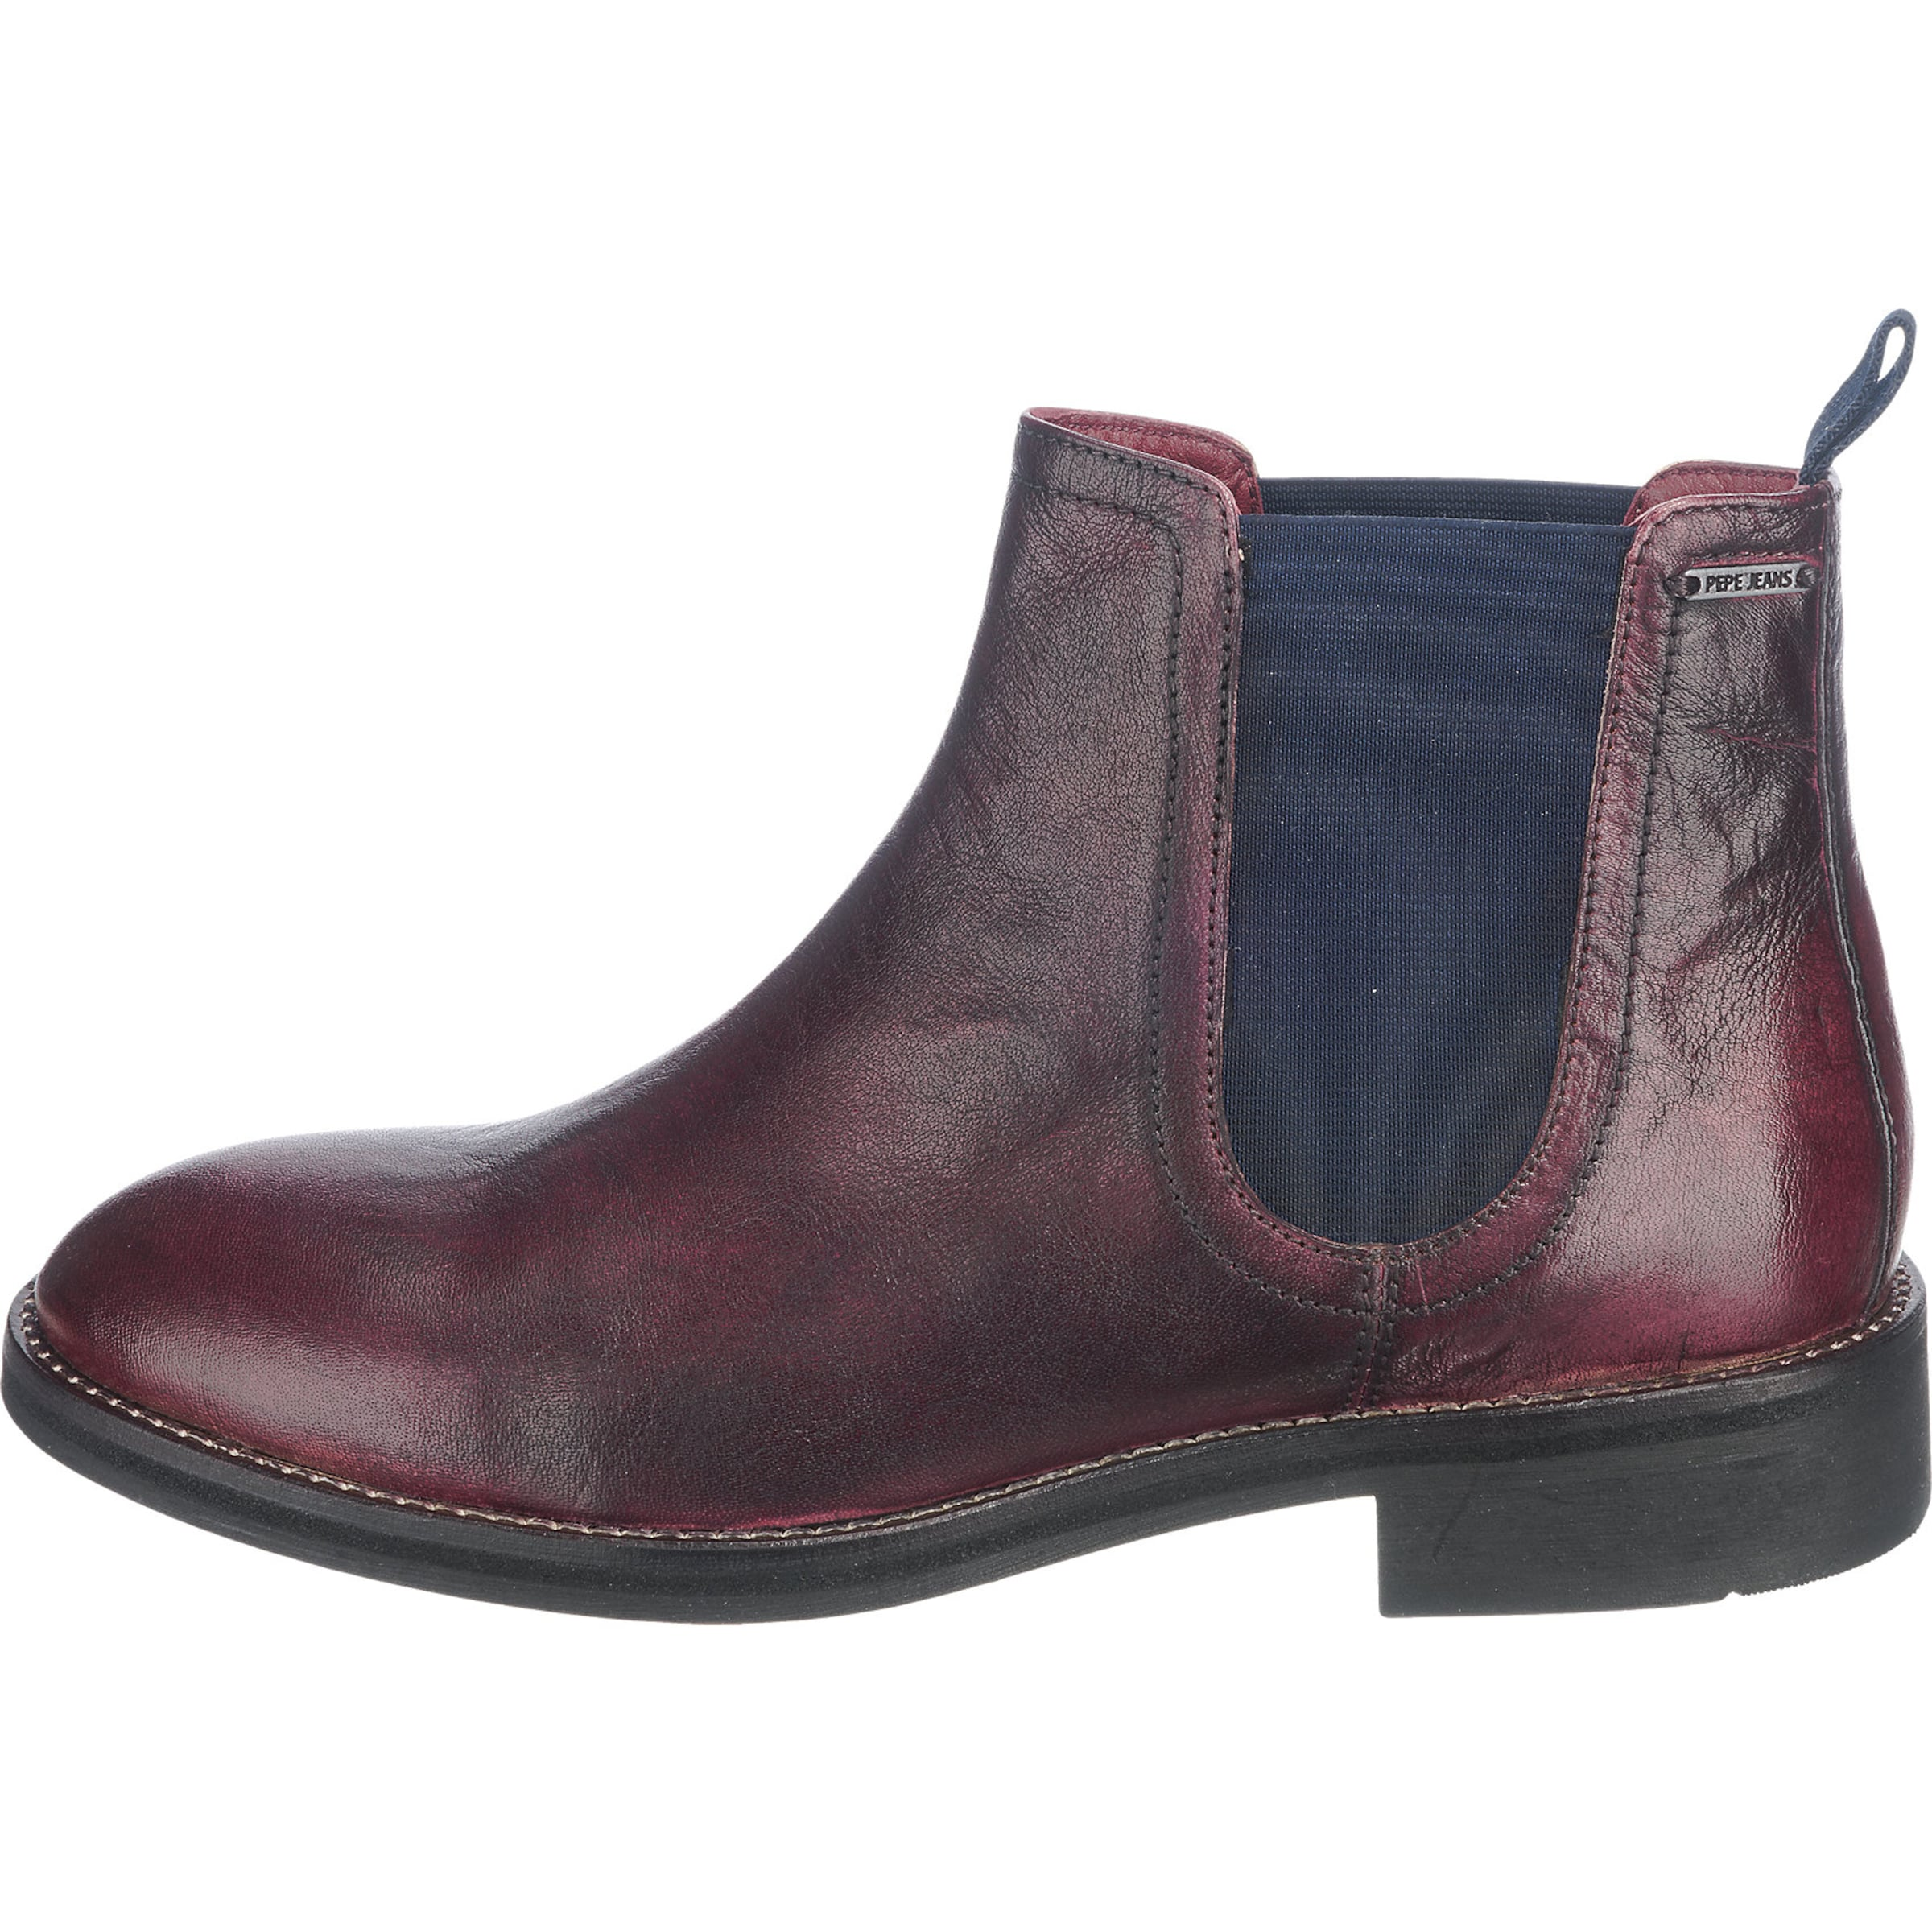 Neu Pepe Jeans 'Hackney Brit' Stiefeletten Günstig Kaufen Kauf Rabatt Billigsten Steckdose Erkunden Billig Verkauf Versand Niedriger Preis Gebühr XfrlMJ2